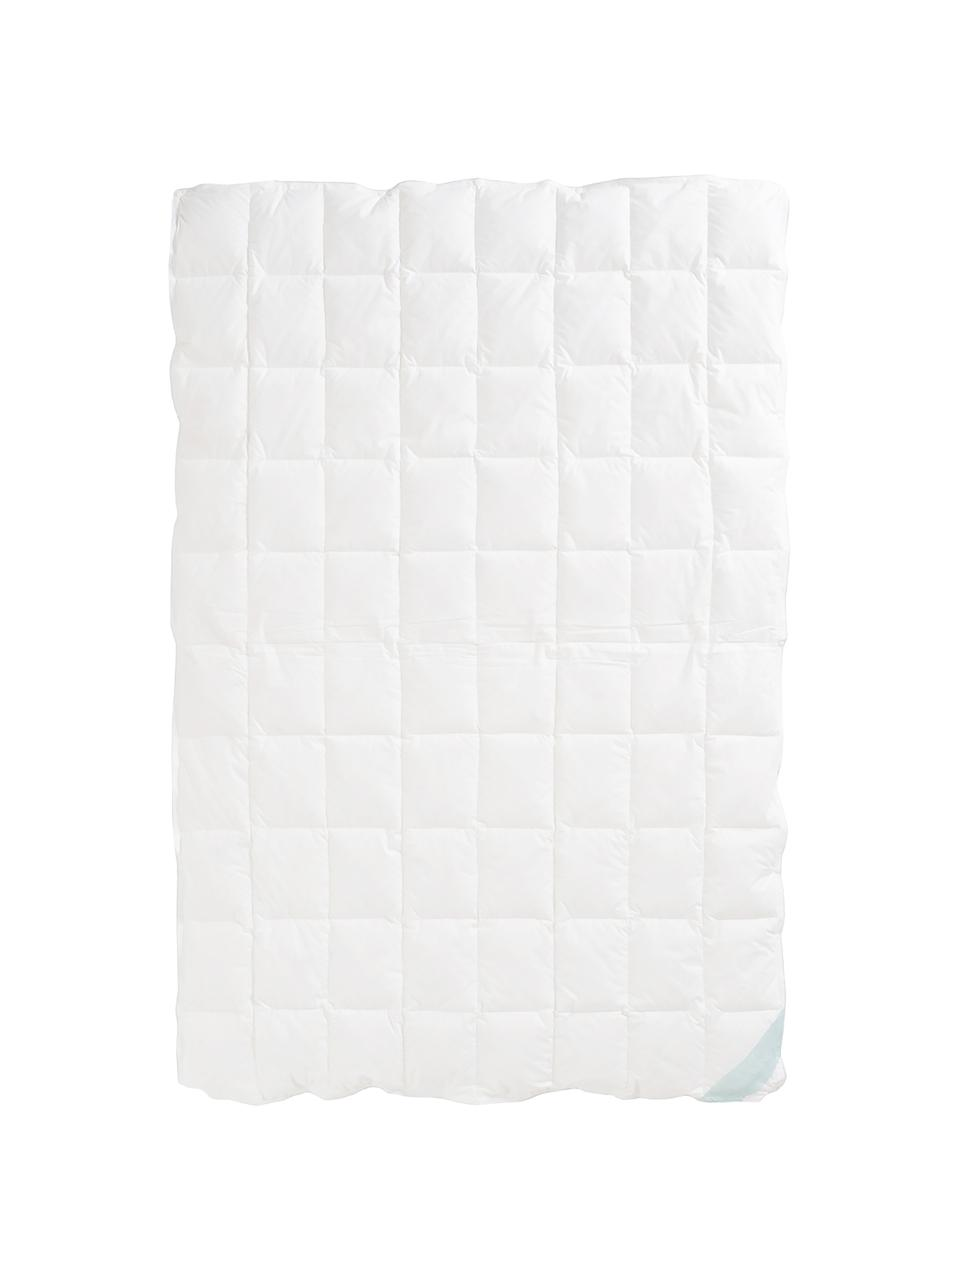 Reine Daunen-Bettdecke Premium, Vierjahreszeiten, Hülle: 100% Baumwolle, feine Mak, Weiß, 135 x 200 cm